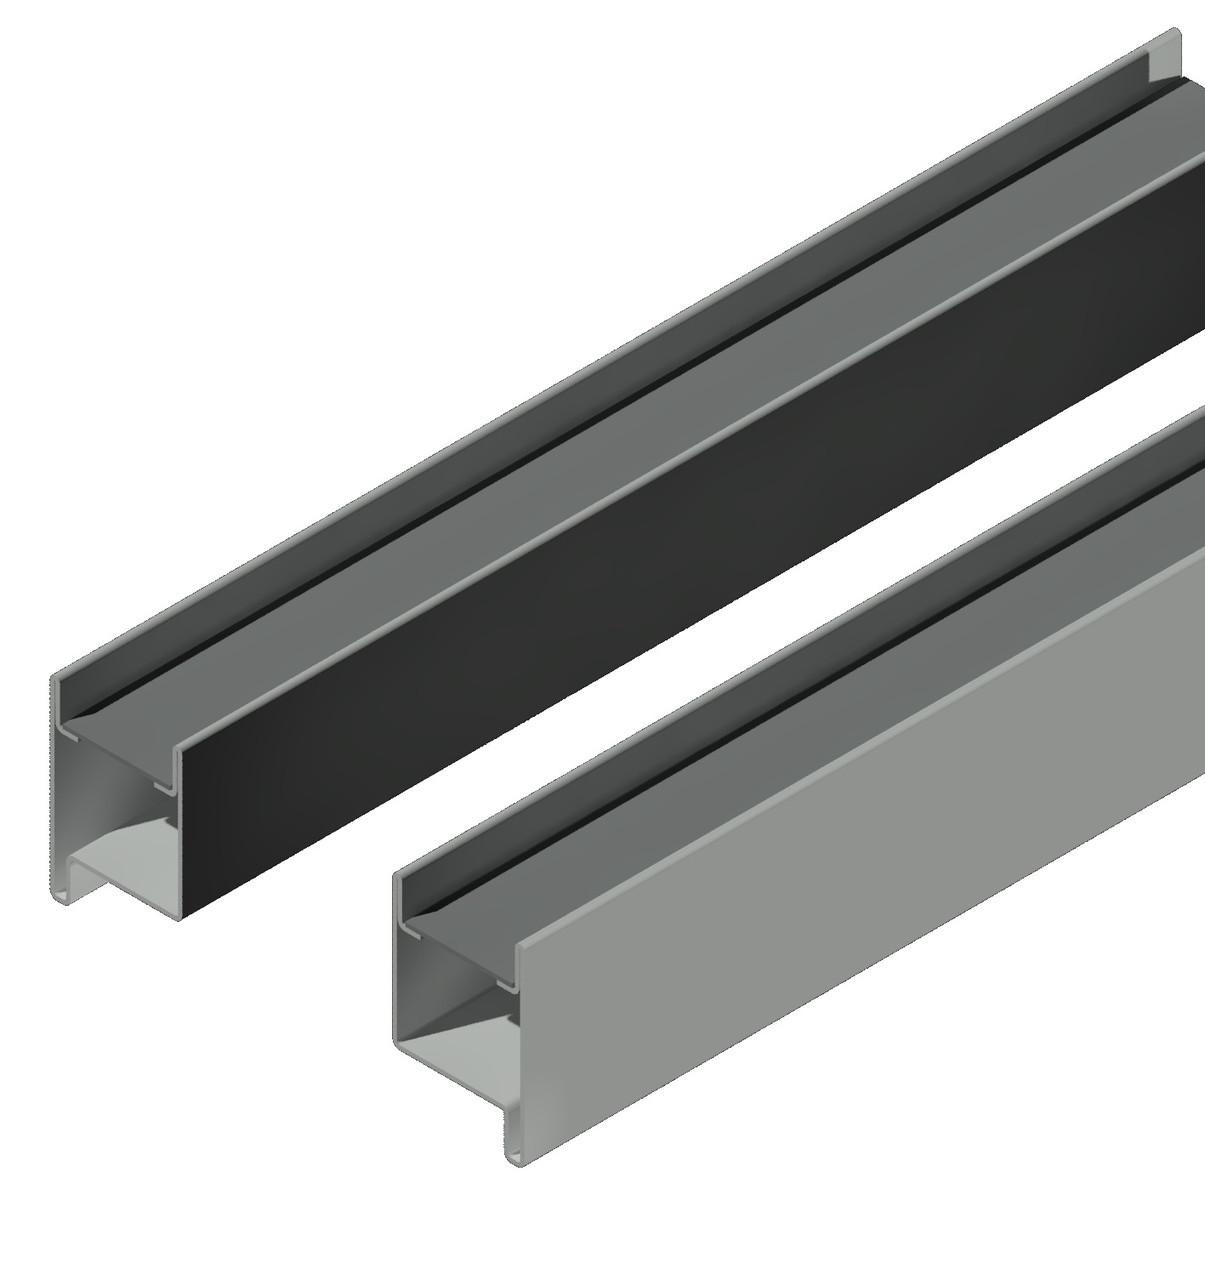 Профиль створки 69 мм. + швеллер15*40*15,для ставень с поворотными ламелями,пара правый и левый. м-